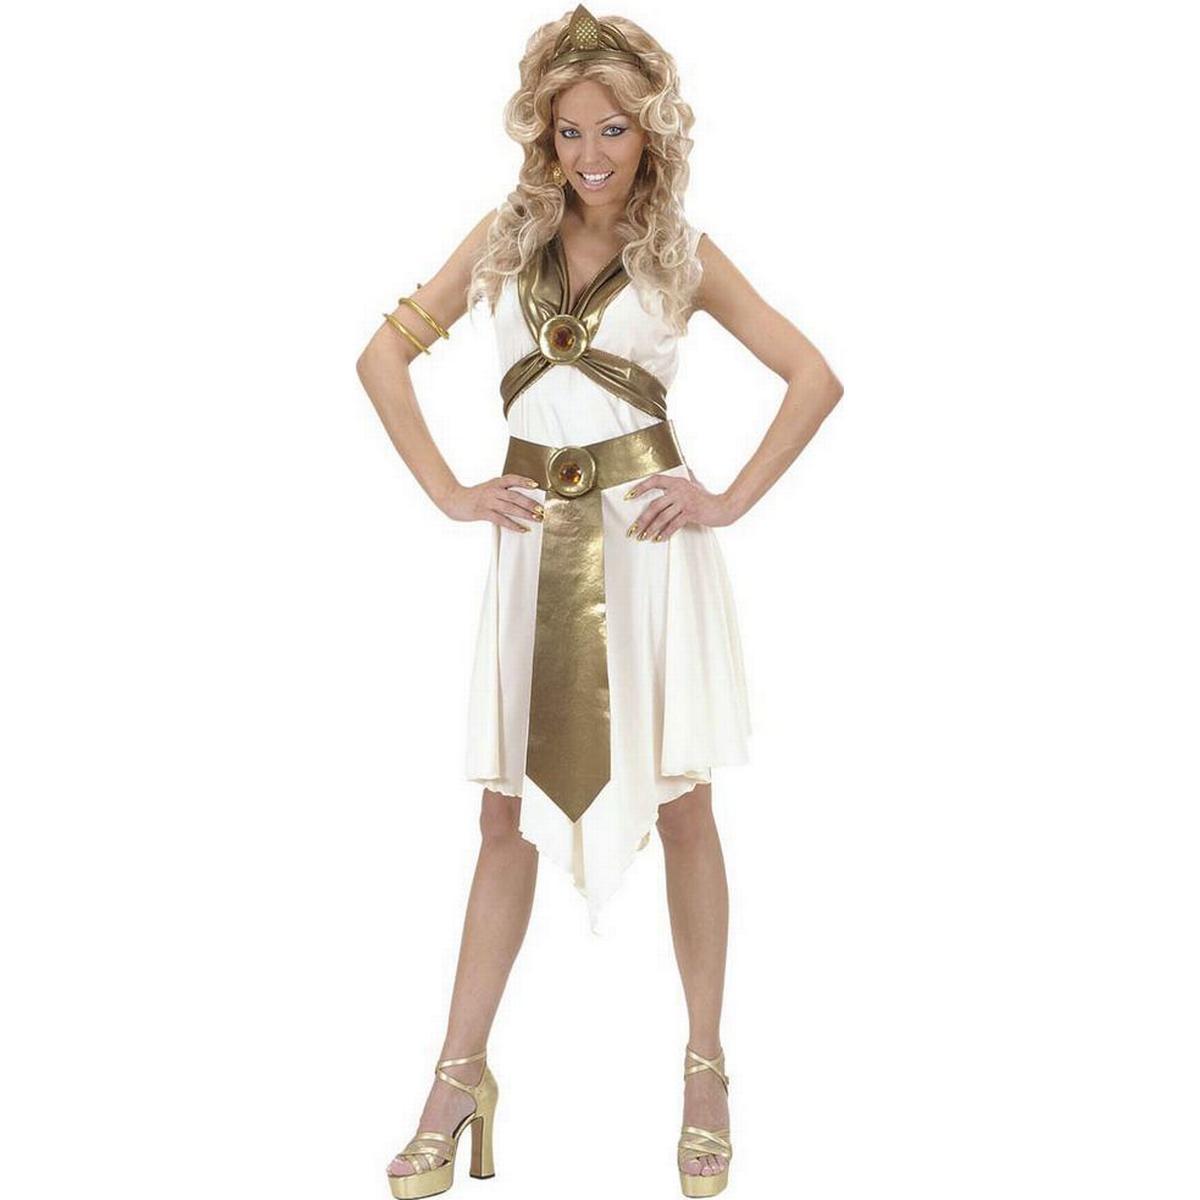 Gudinde kostume • Find den billigste pris hos PriceRunner nu